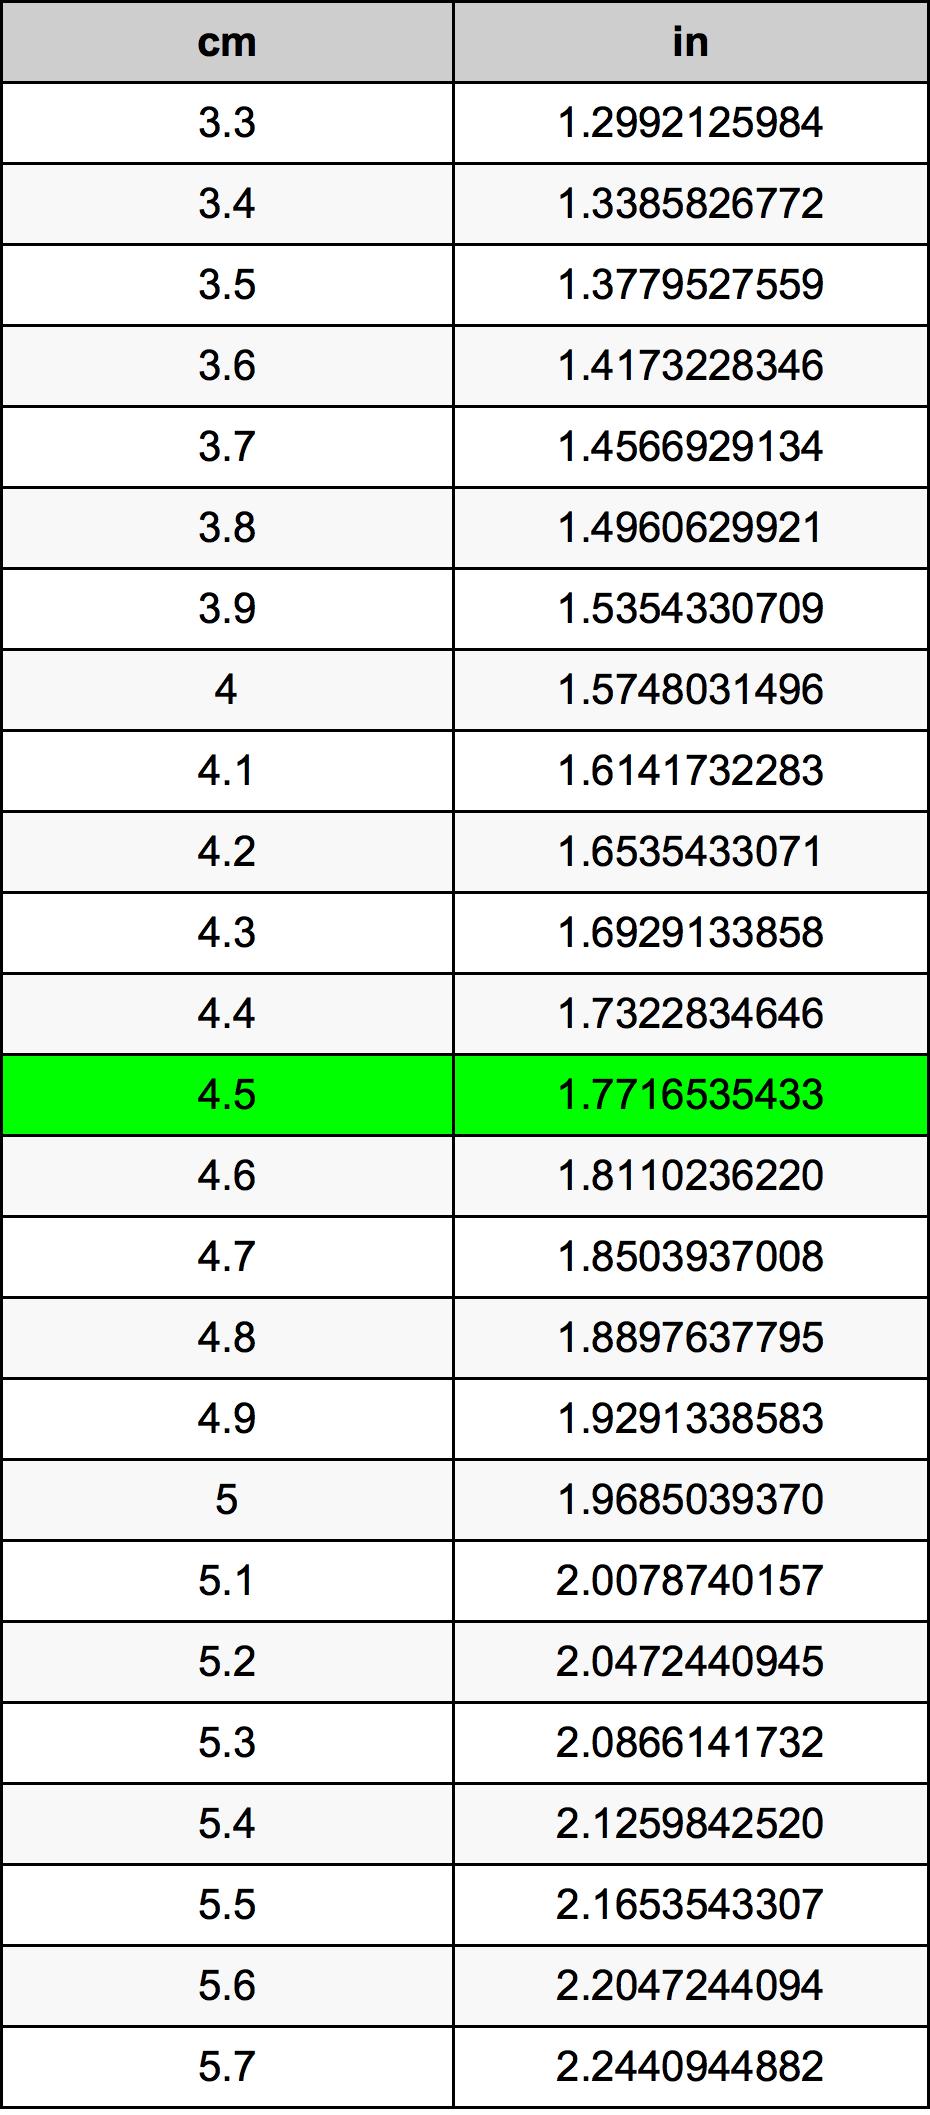 4.5 сантиметр Таблица преобразования